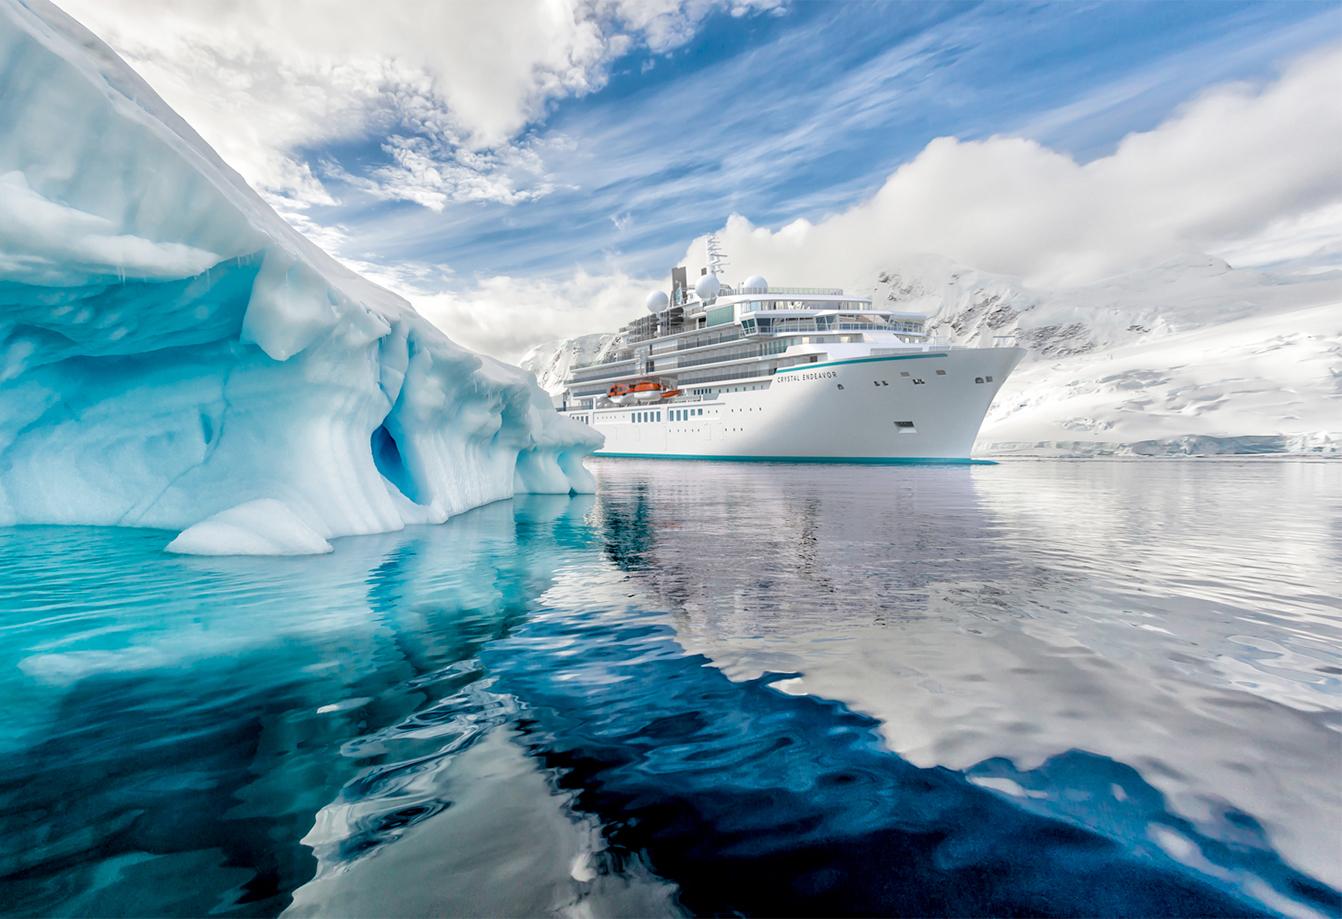 Polar cruising reloaded